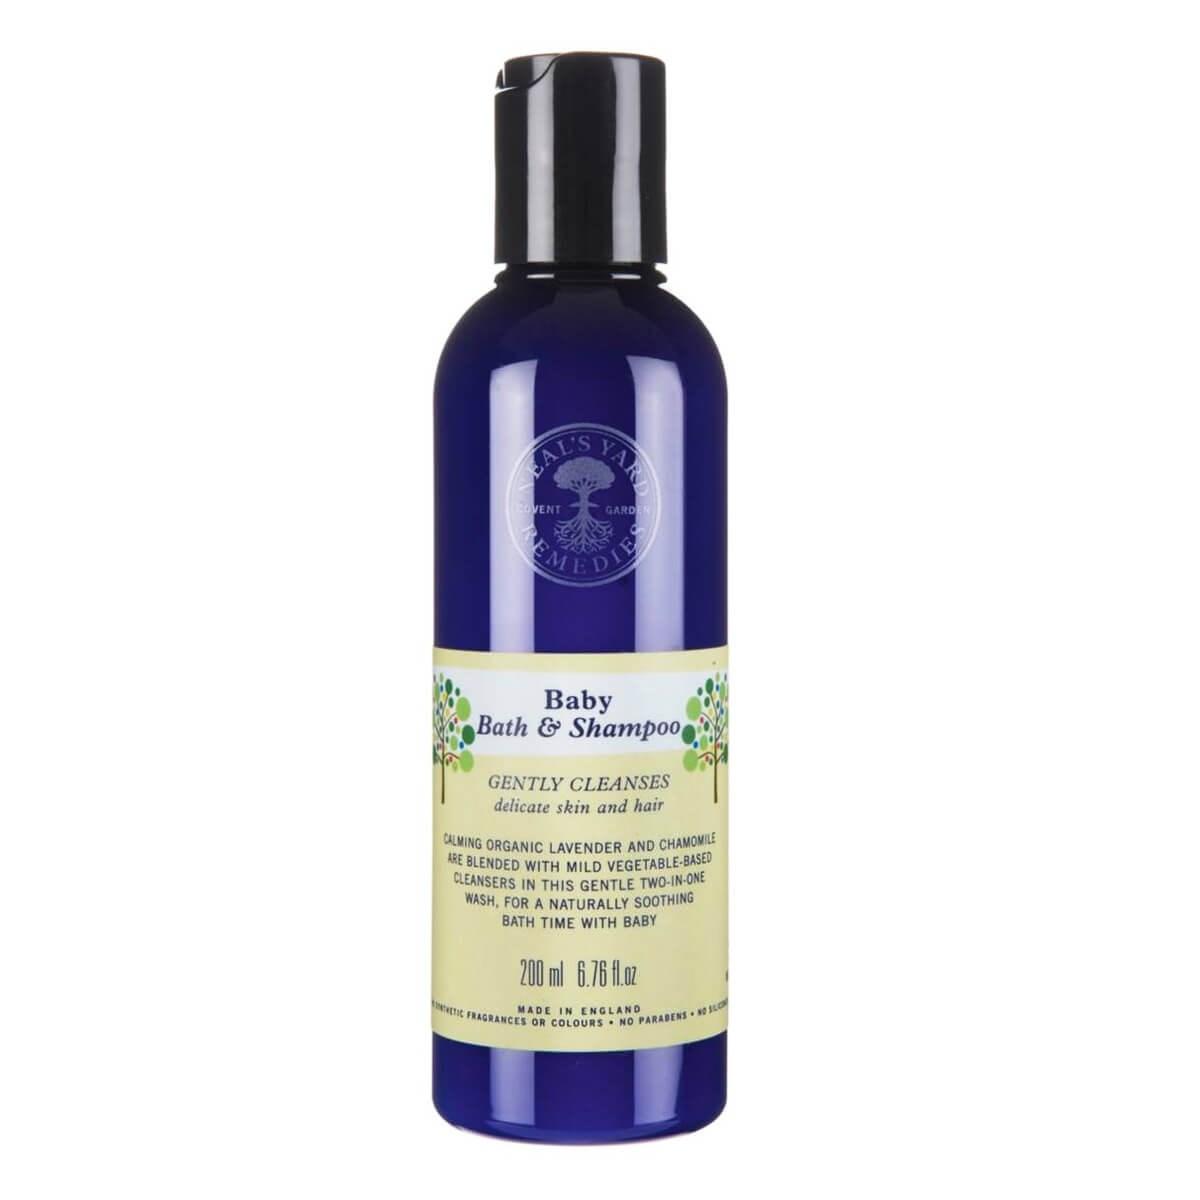 Neal's Yard Remedies Baby Bath & Shampoo